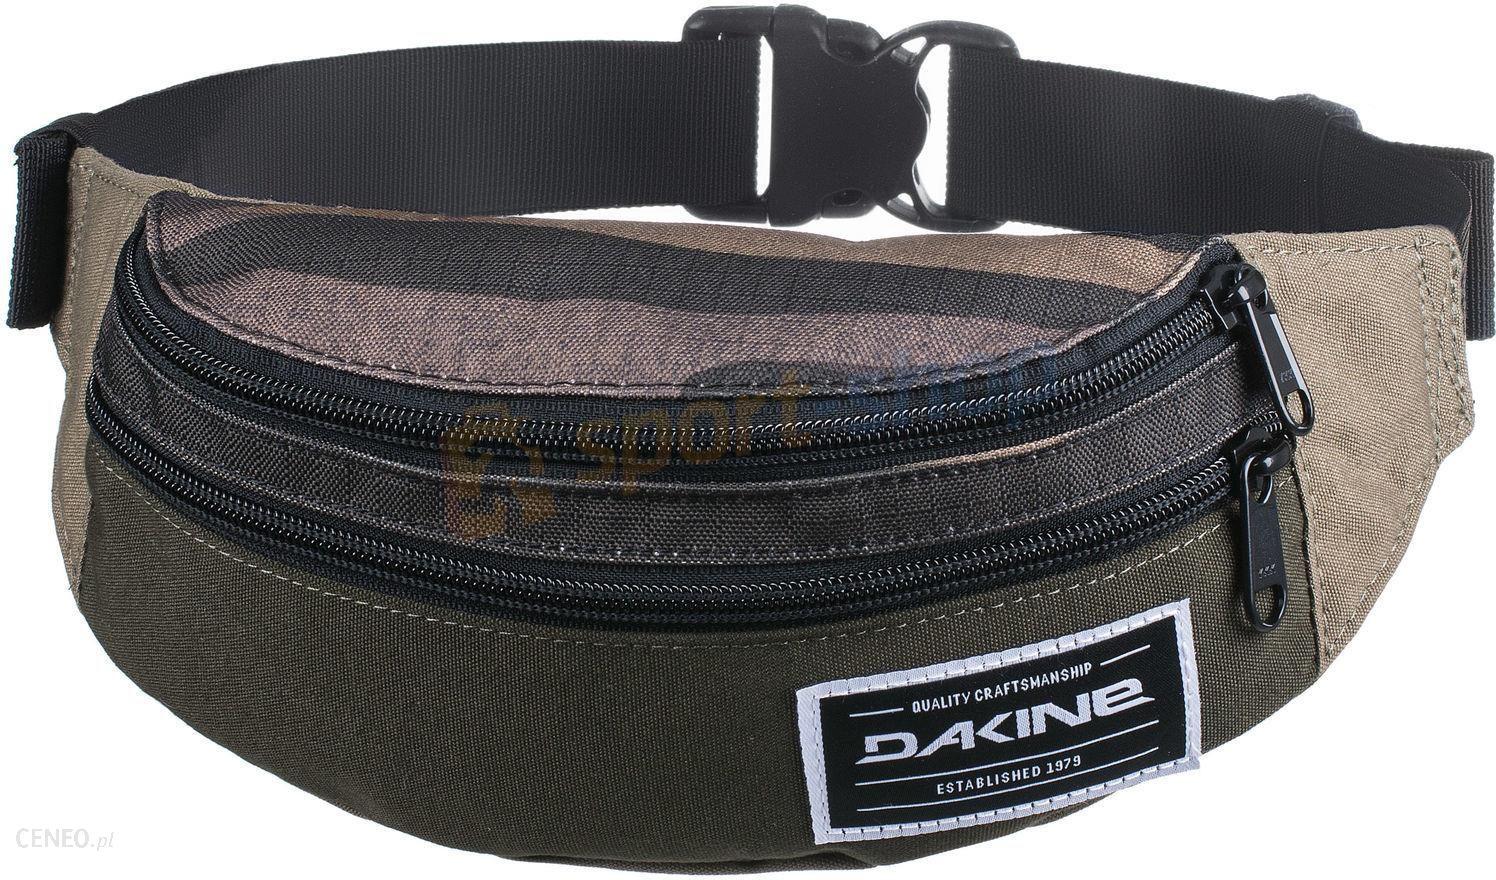 cd0a7e5906e Saszetka nerka Dakine Classic Hip Pack (Fieldcamo) - Ceny i opinie ...